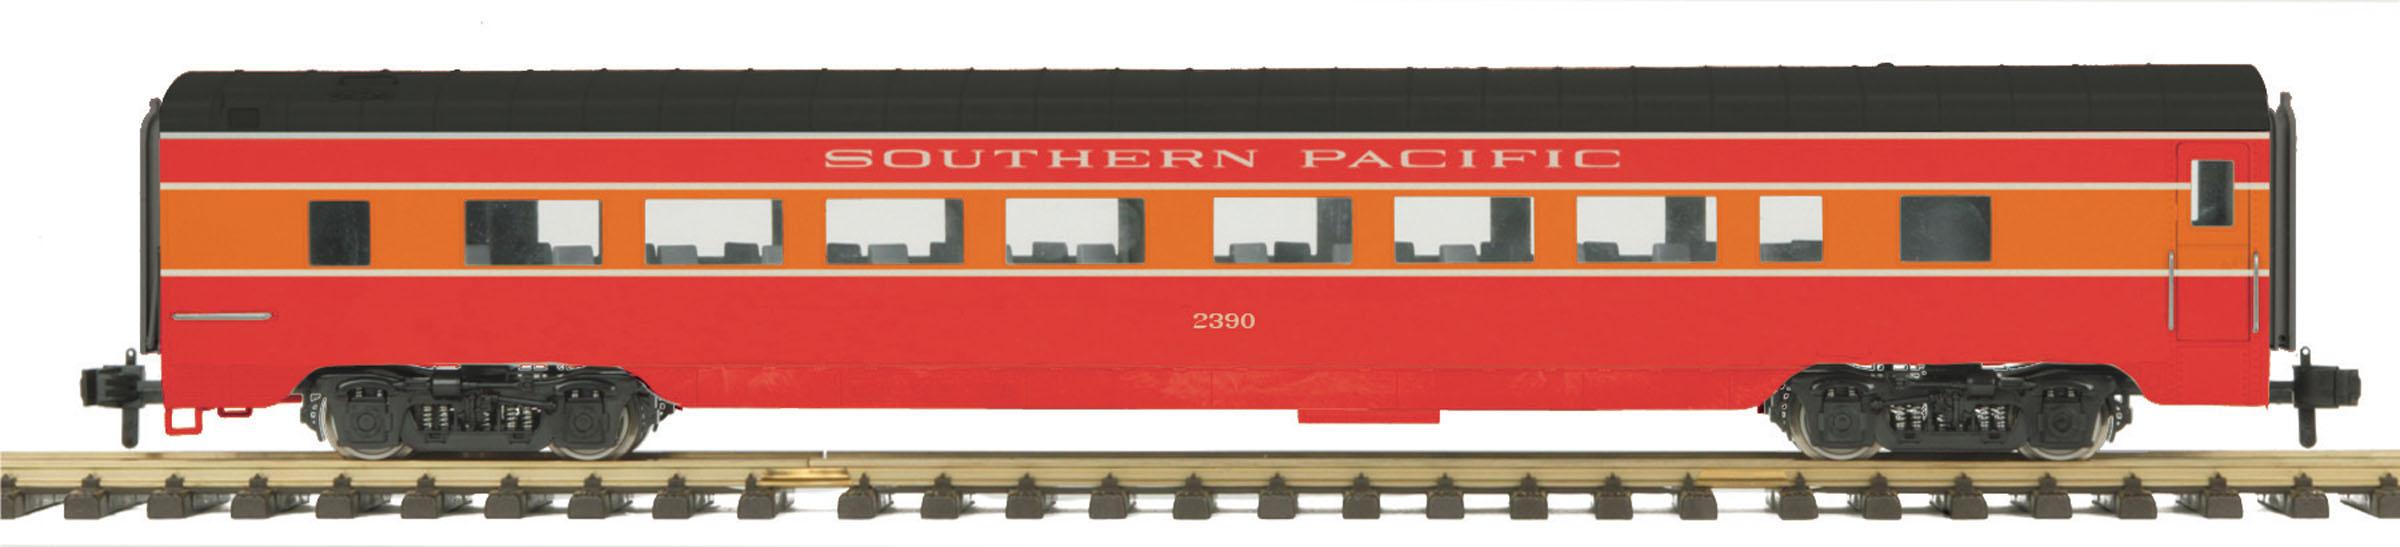 70-67028.jpg